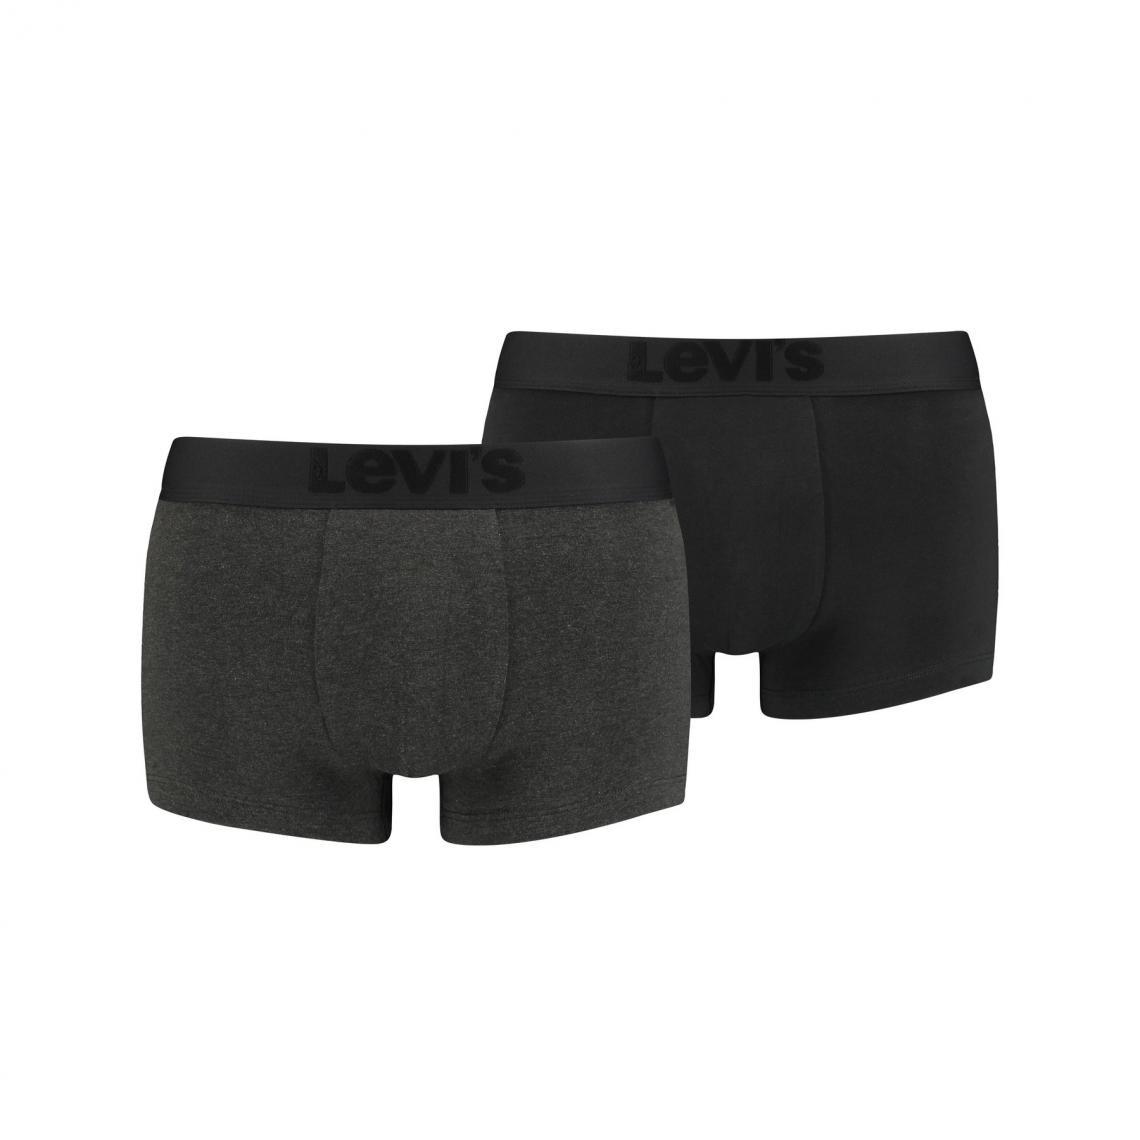 Lot de 2 boxers ceinture elastique - Noir - Levi's Underwear - Modalova